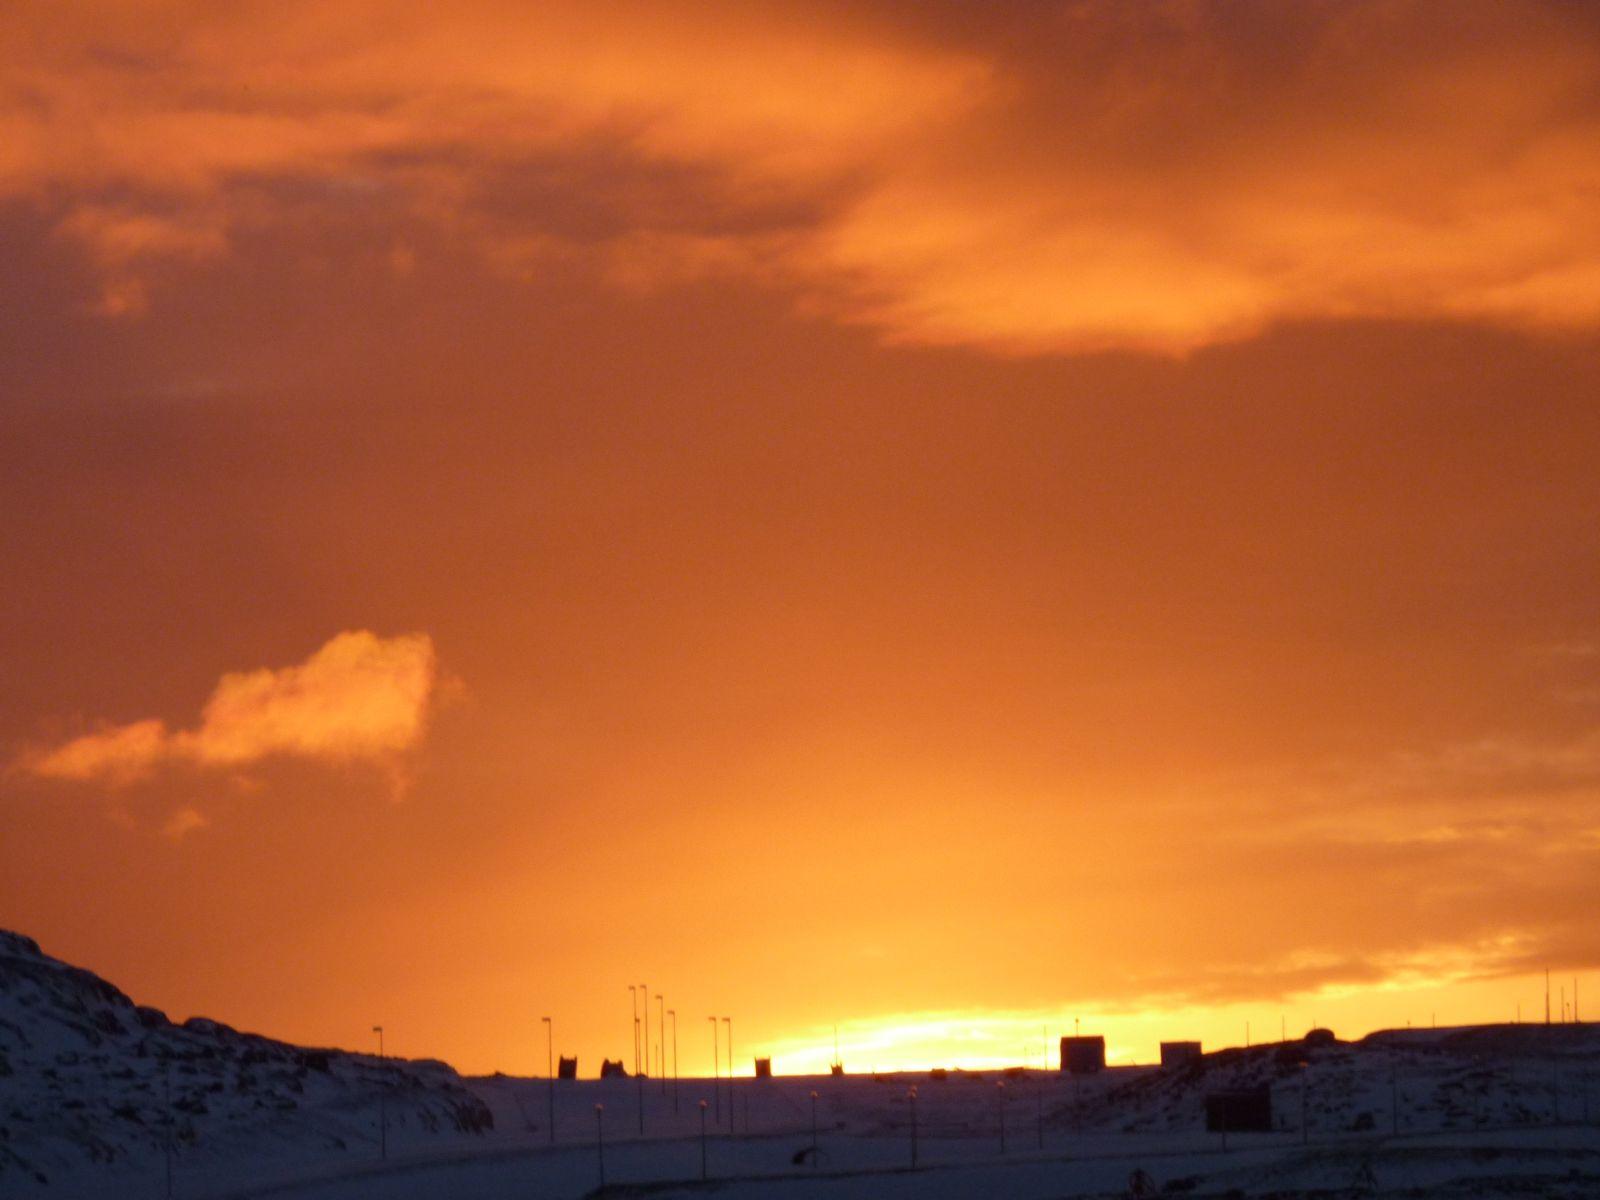 2010-12-11-1419_-_Pupik 4-102; Solnedgang; Udsigt fra altan